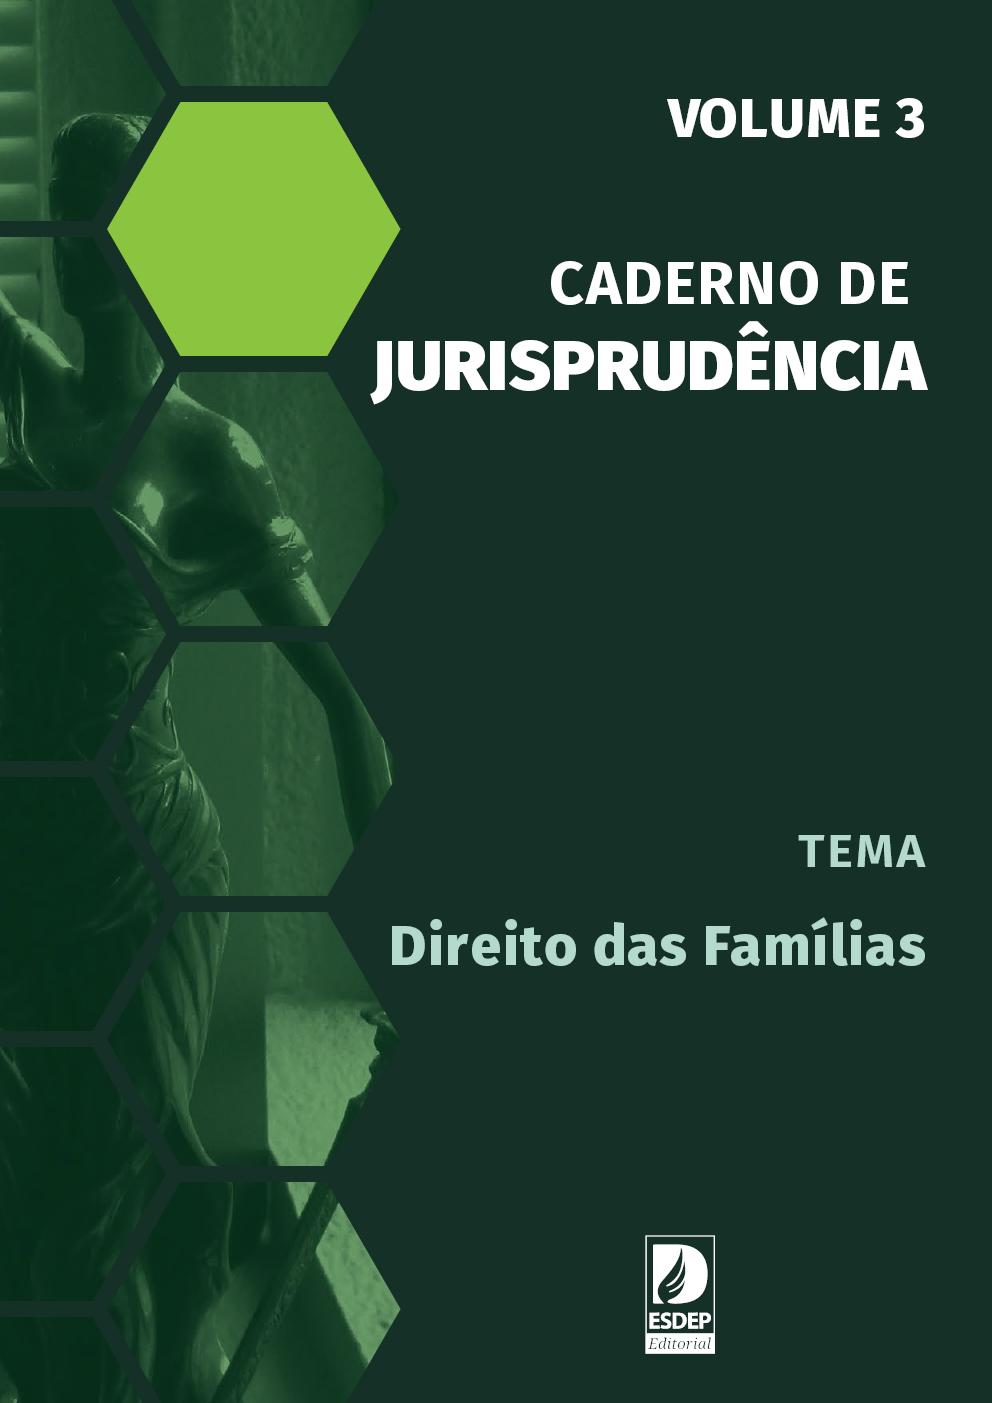 Caderno de Jurisprudência – Vol. 3 – Direitos das Famílias